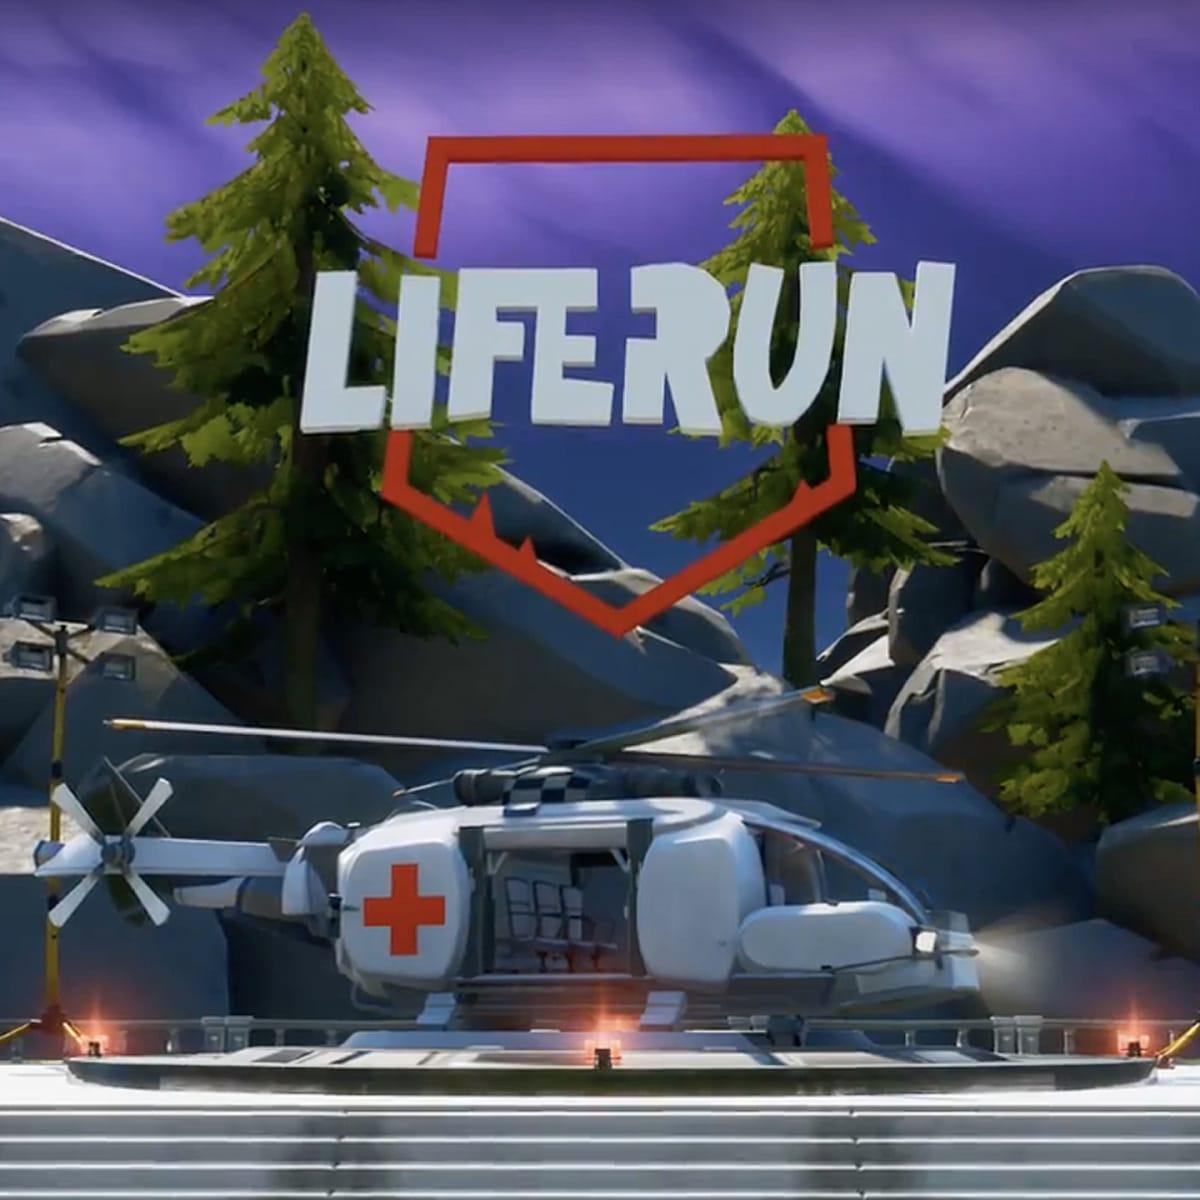 LIFERUN HERO IMAGE